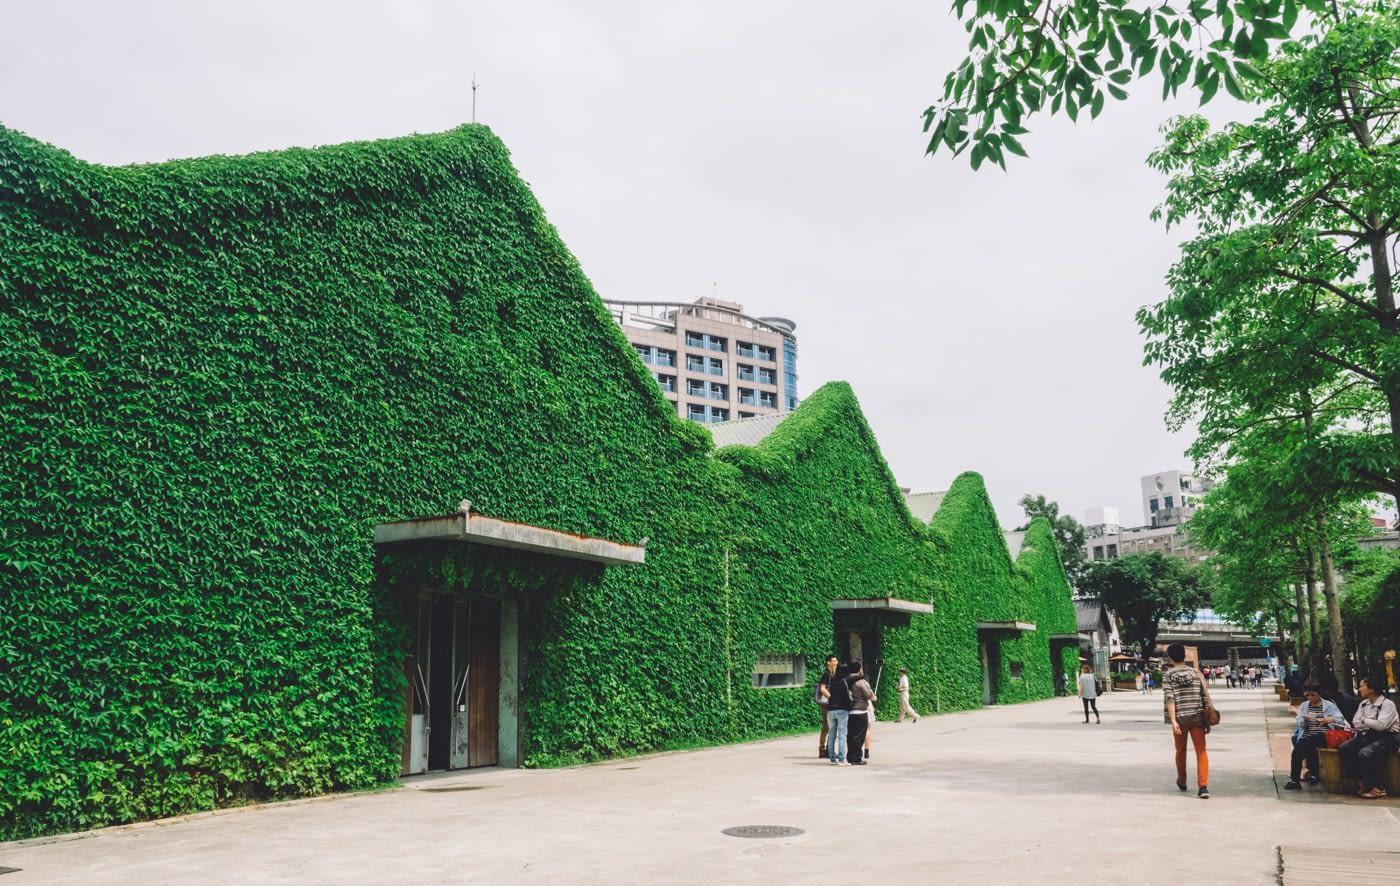 Taiwan - Huashan 1914 Creative Park - Green buildings